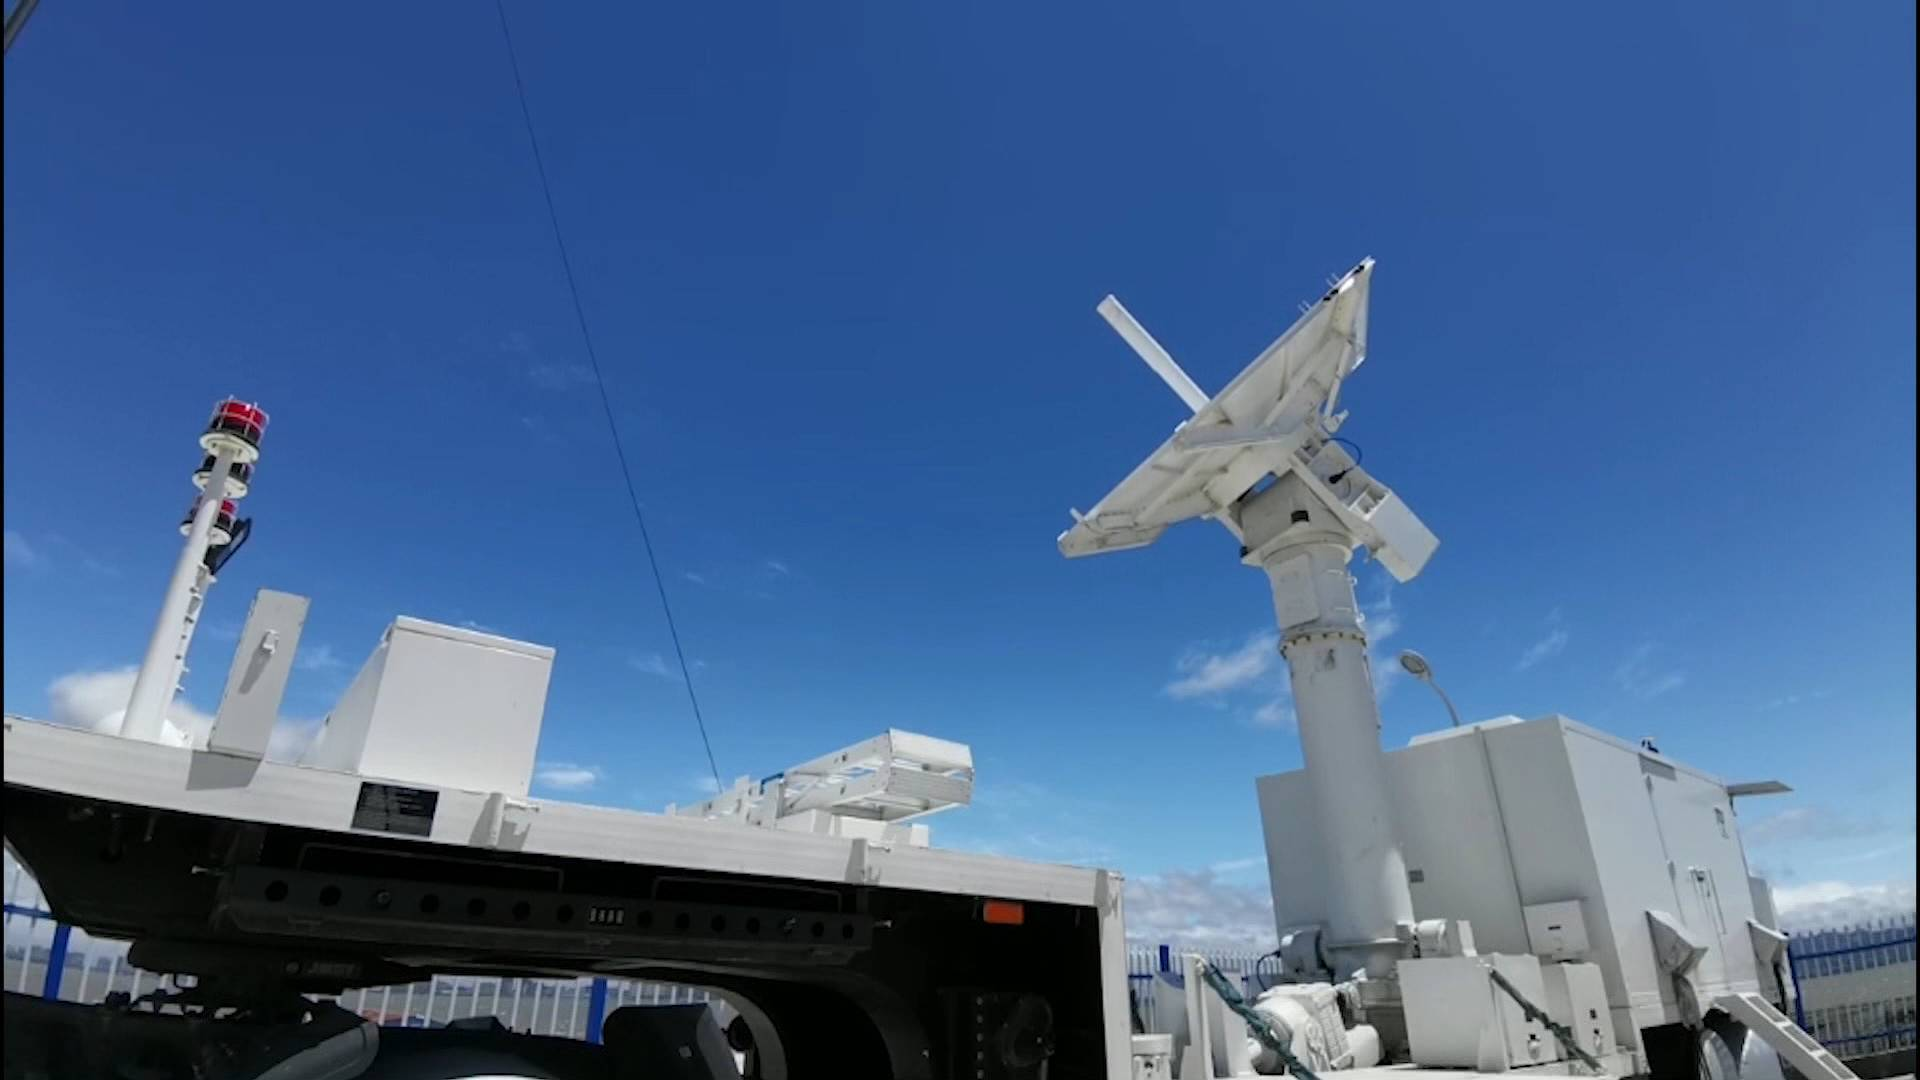 神舟十二号载人飞船升空300秒左右收到青岛指令 青岛测控站护送飞船入轨